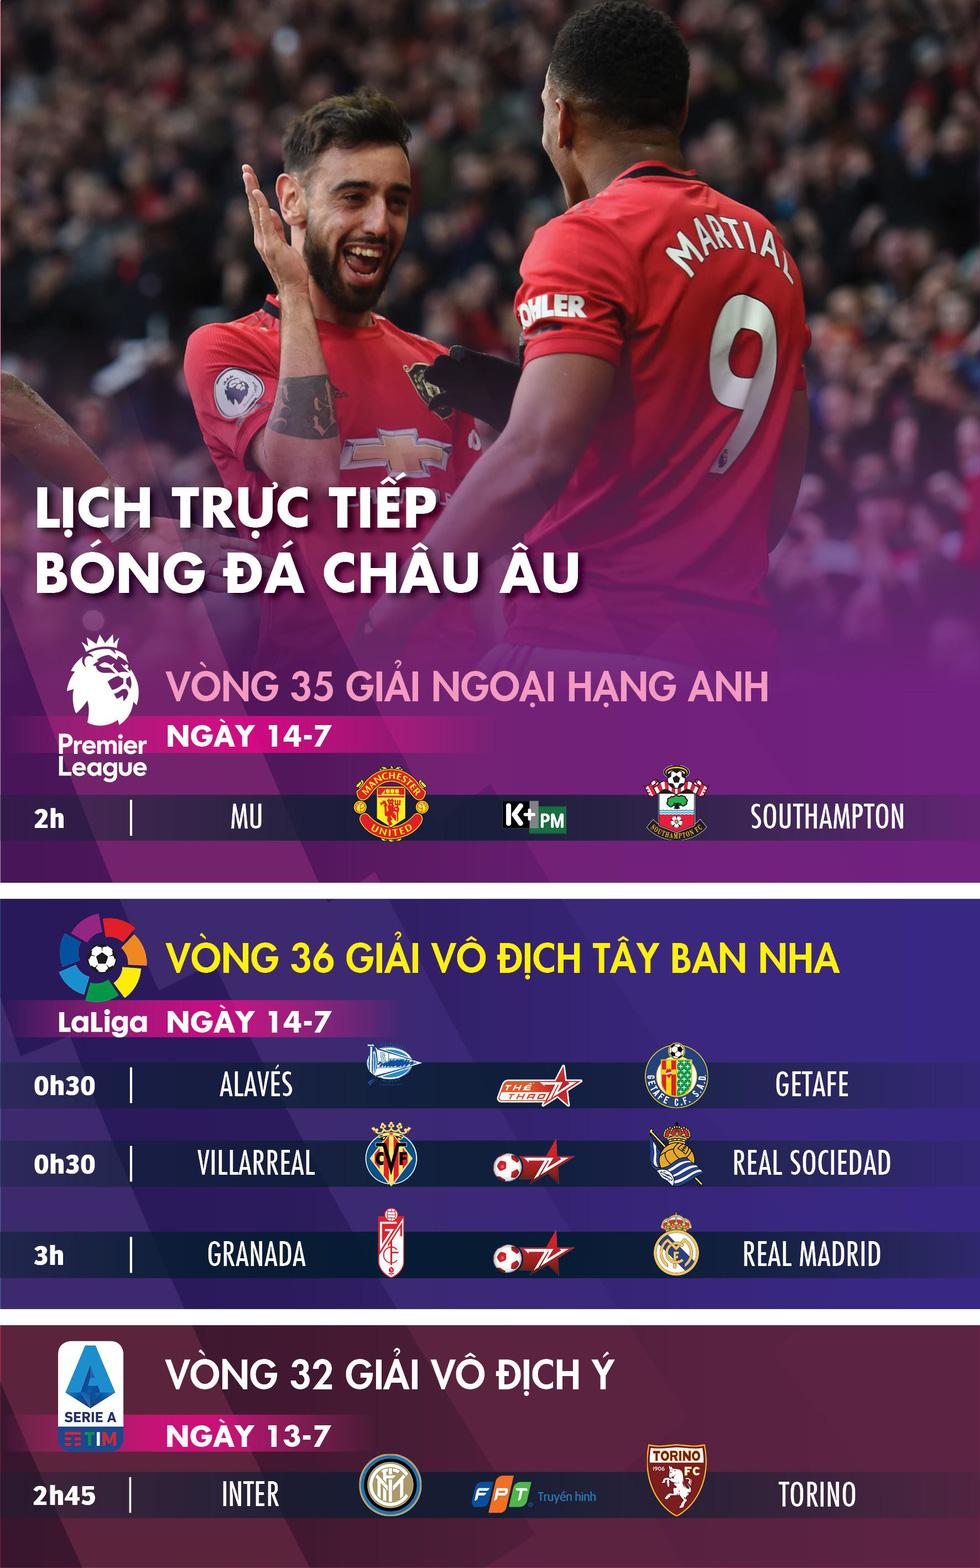 Lịch trực tiếp bóng đá châu Âu 14-7: Chờ Man United  vào tốp 3 - Ảnh 1.